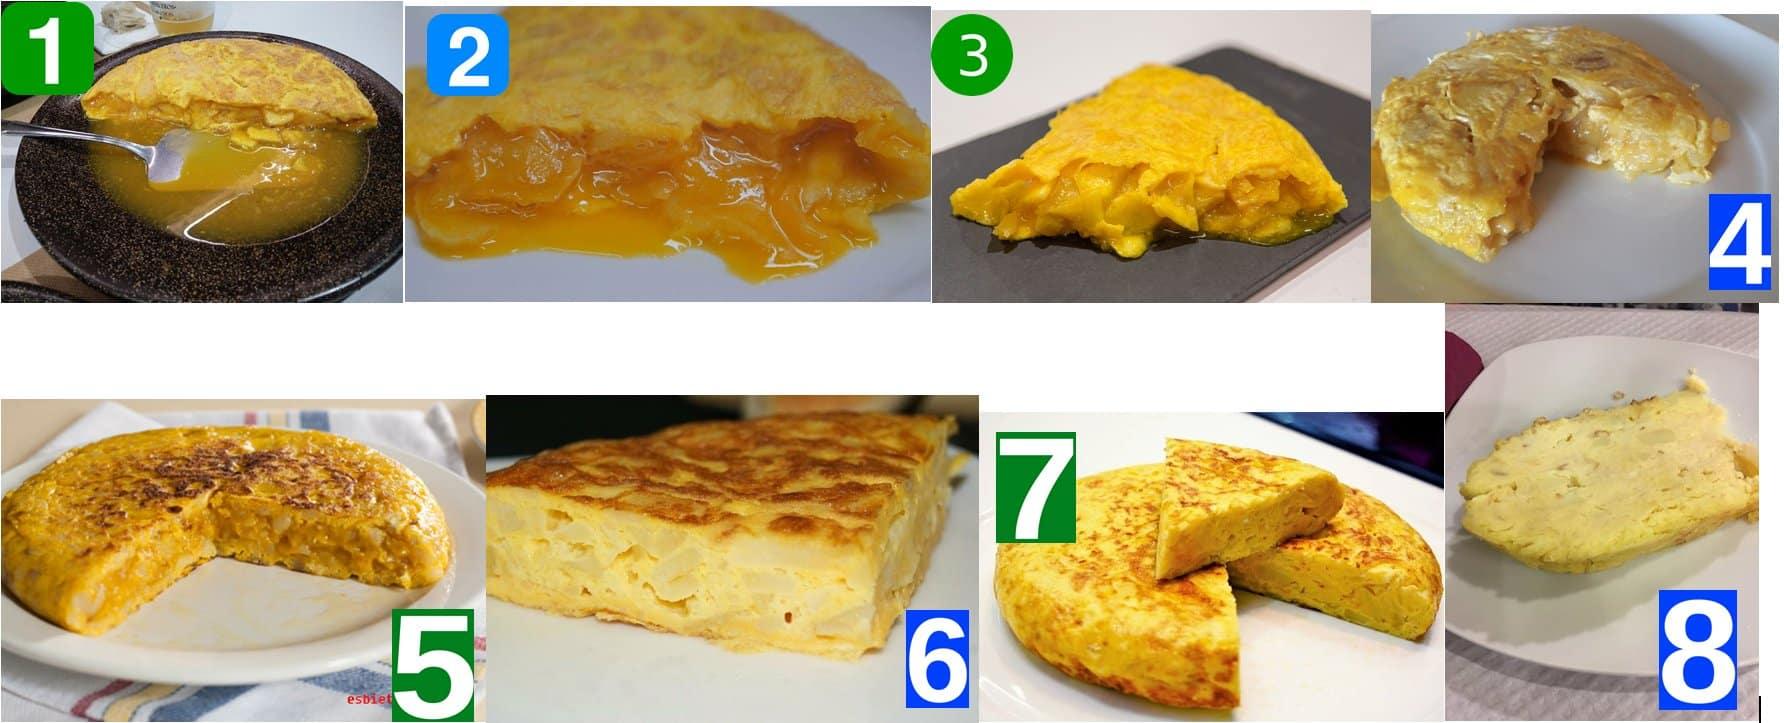 Tortilla de patatas: ¿Muy hecha of poco hecha? dat is de vraag